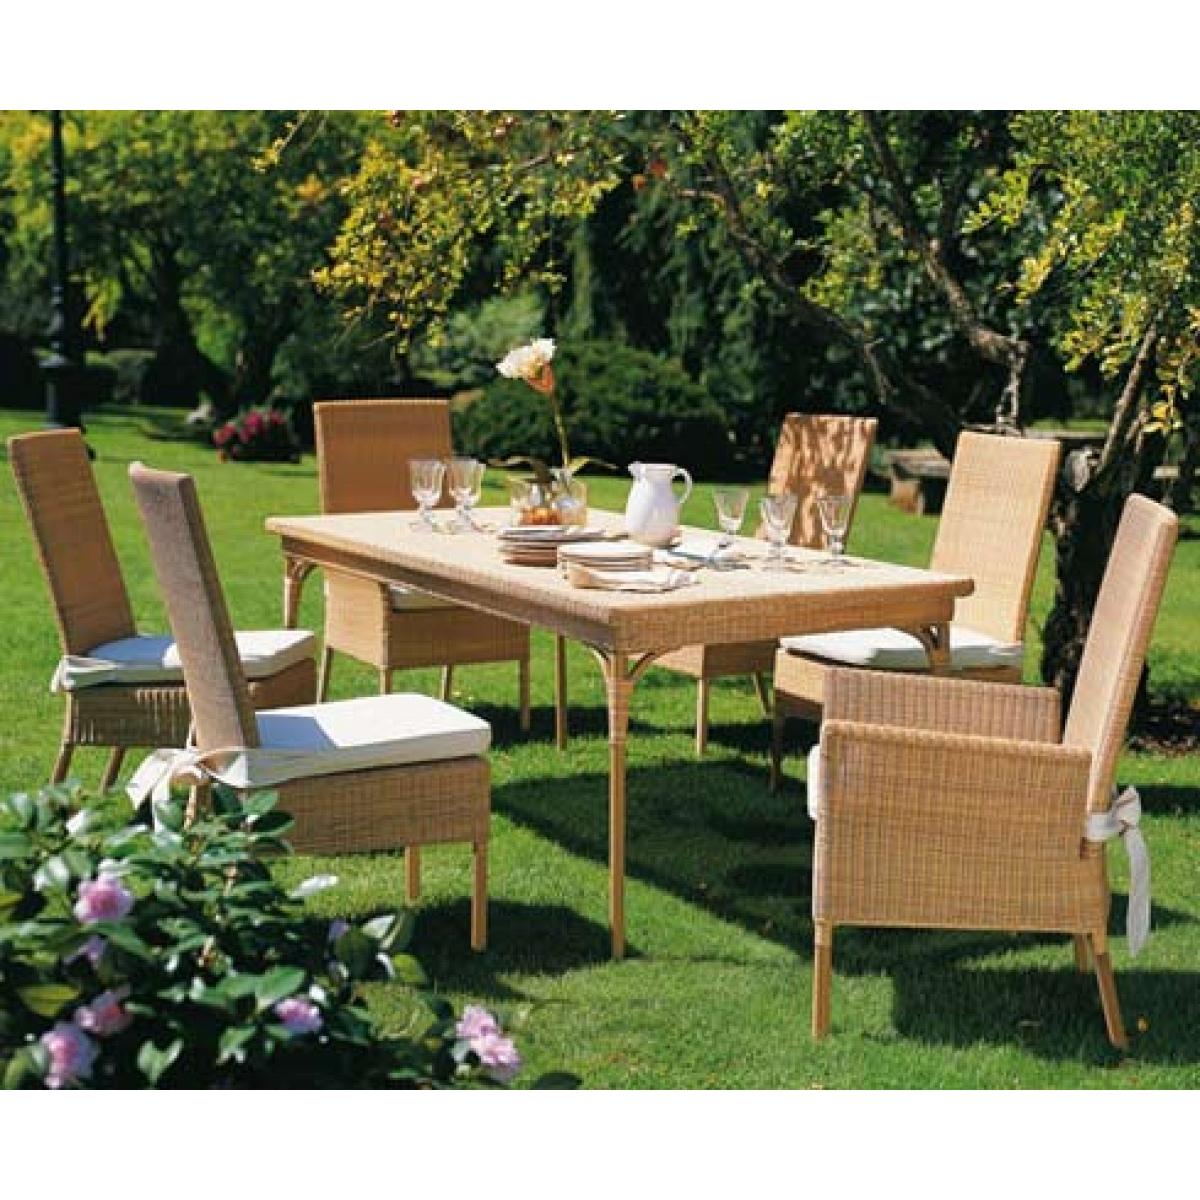 Tavoli in vendita su verdegarden for Bricoman arredo giardino